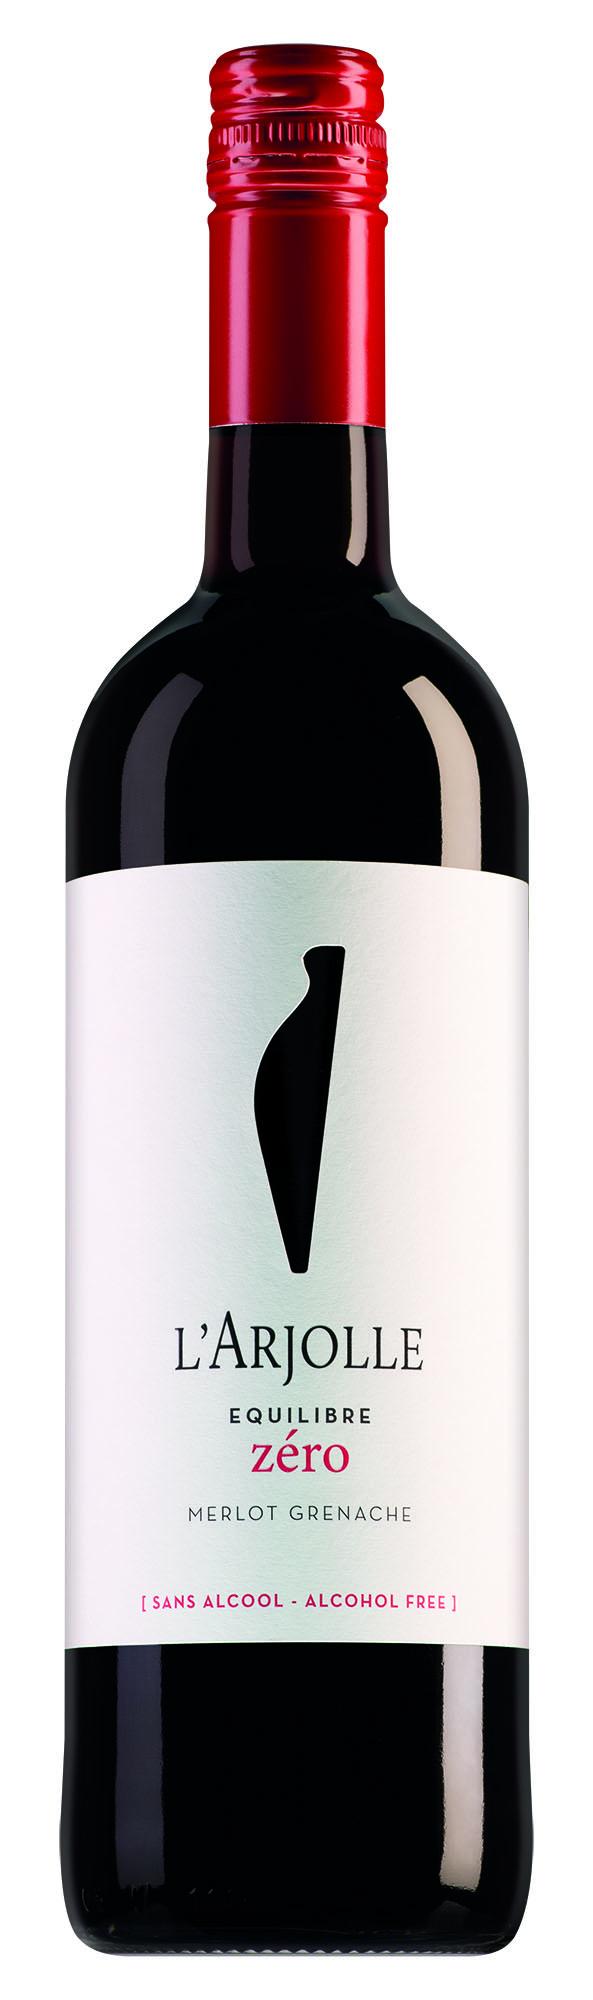 L'Arjolle Côtes de Thongue Equilibre Zéro Merlot-Grenache Rouge alcoholvrij